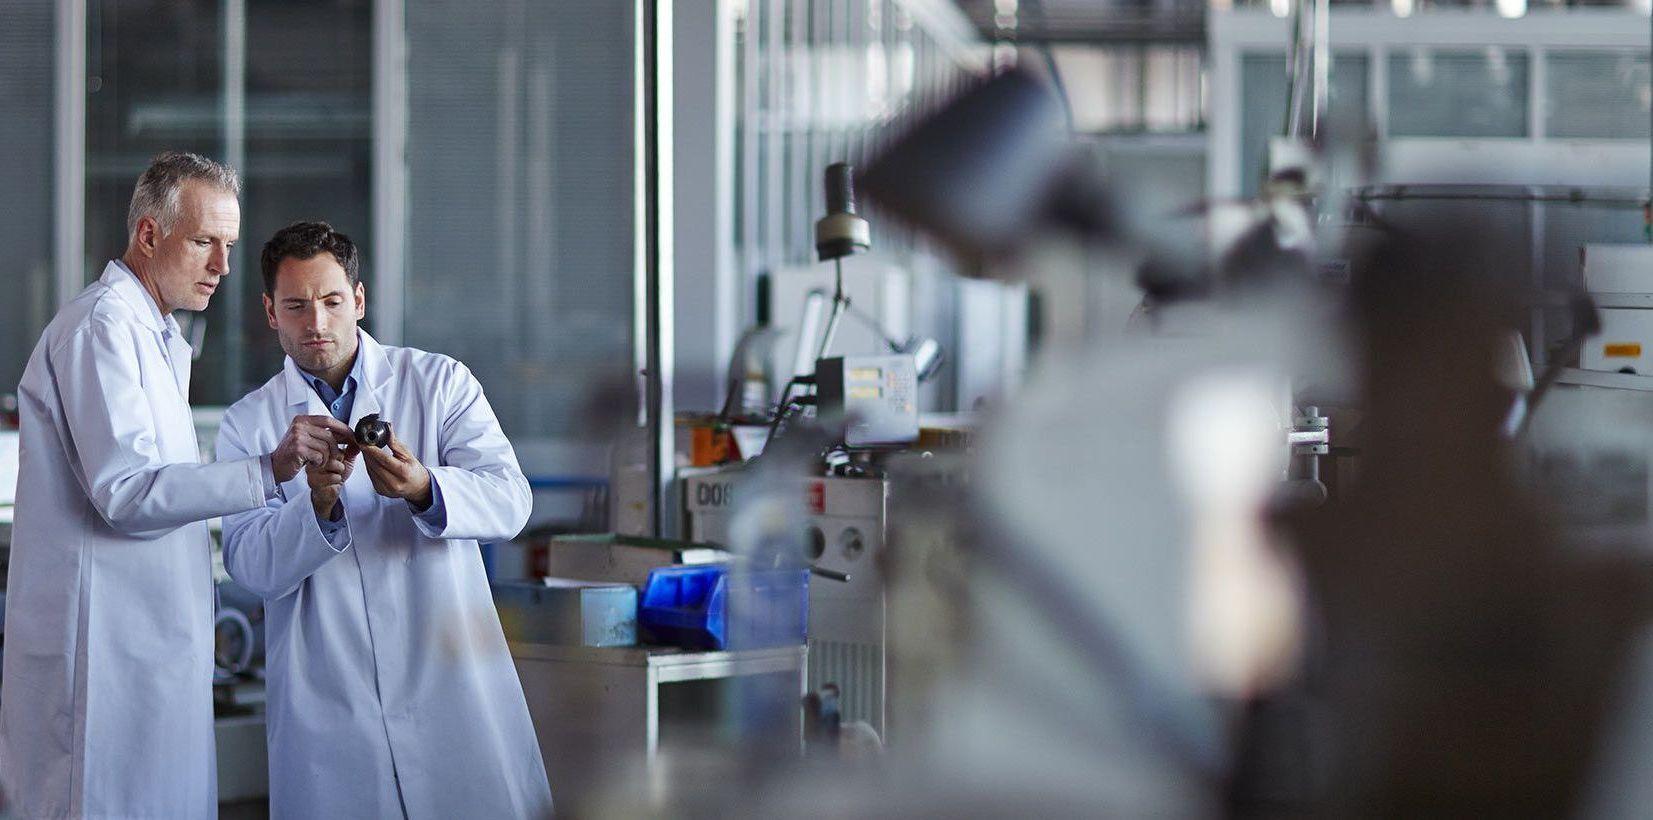 Corning Gorilla Glass 5: представлено новое поколение защитного стекла для электроники